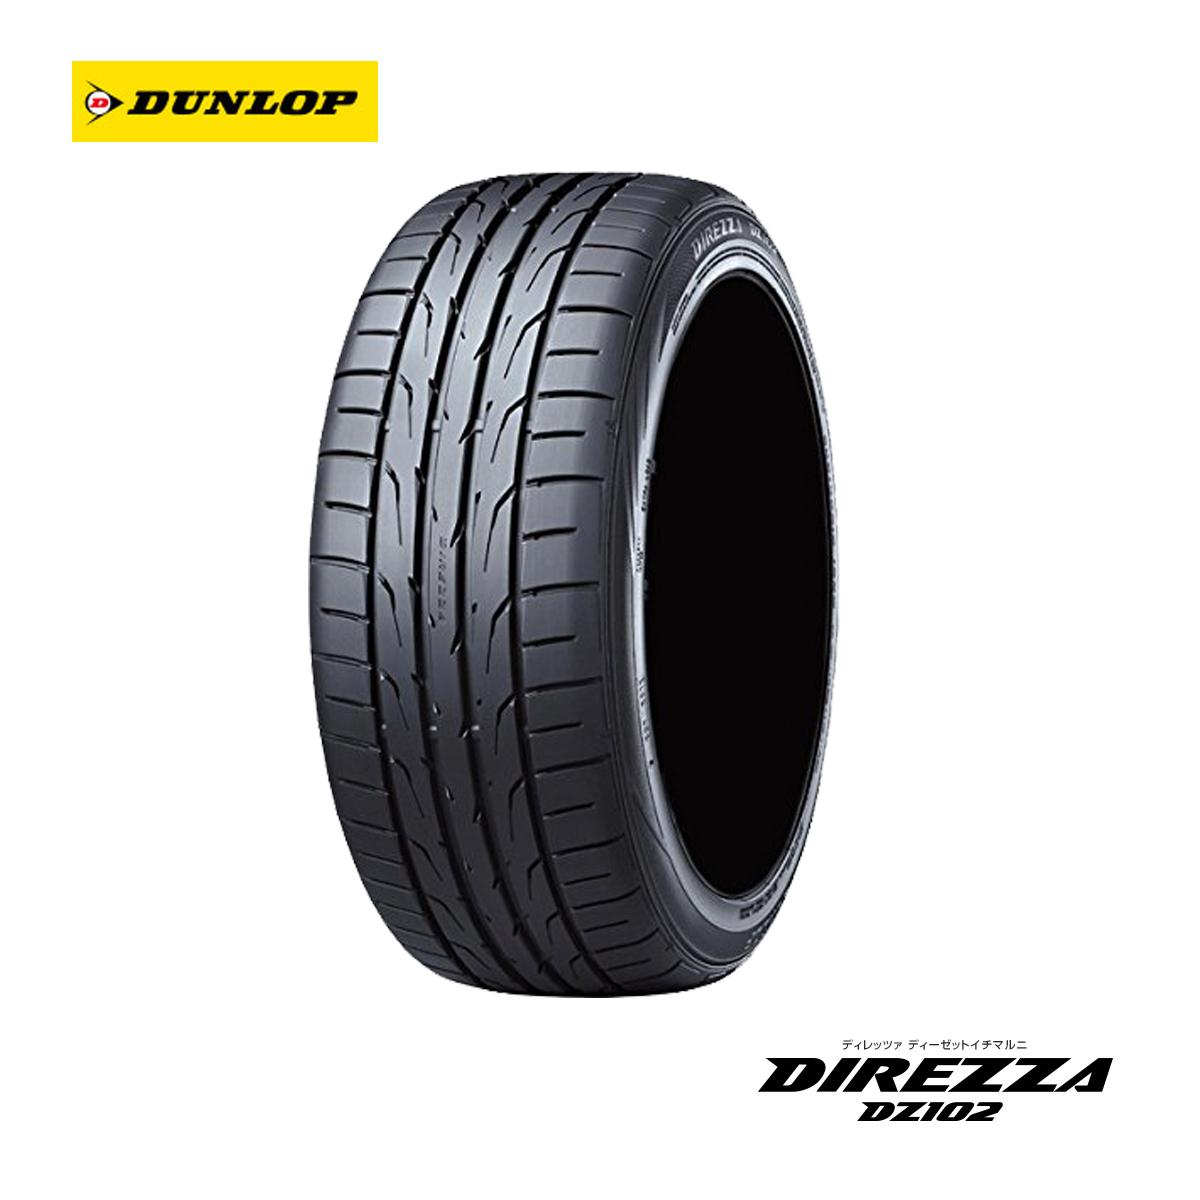 DUNLOP ダンロップ スポーツ サマータイヤ 1本 18インチ 225/50R18 DIREZZA DZ102 ディレッツァ